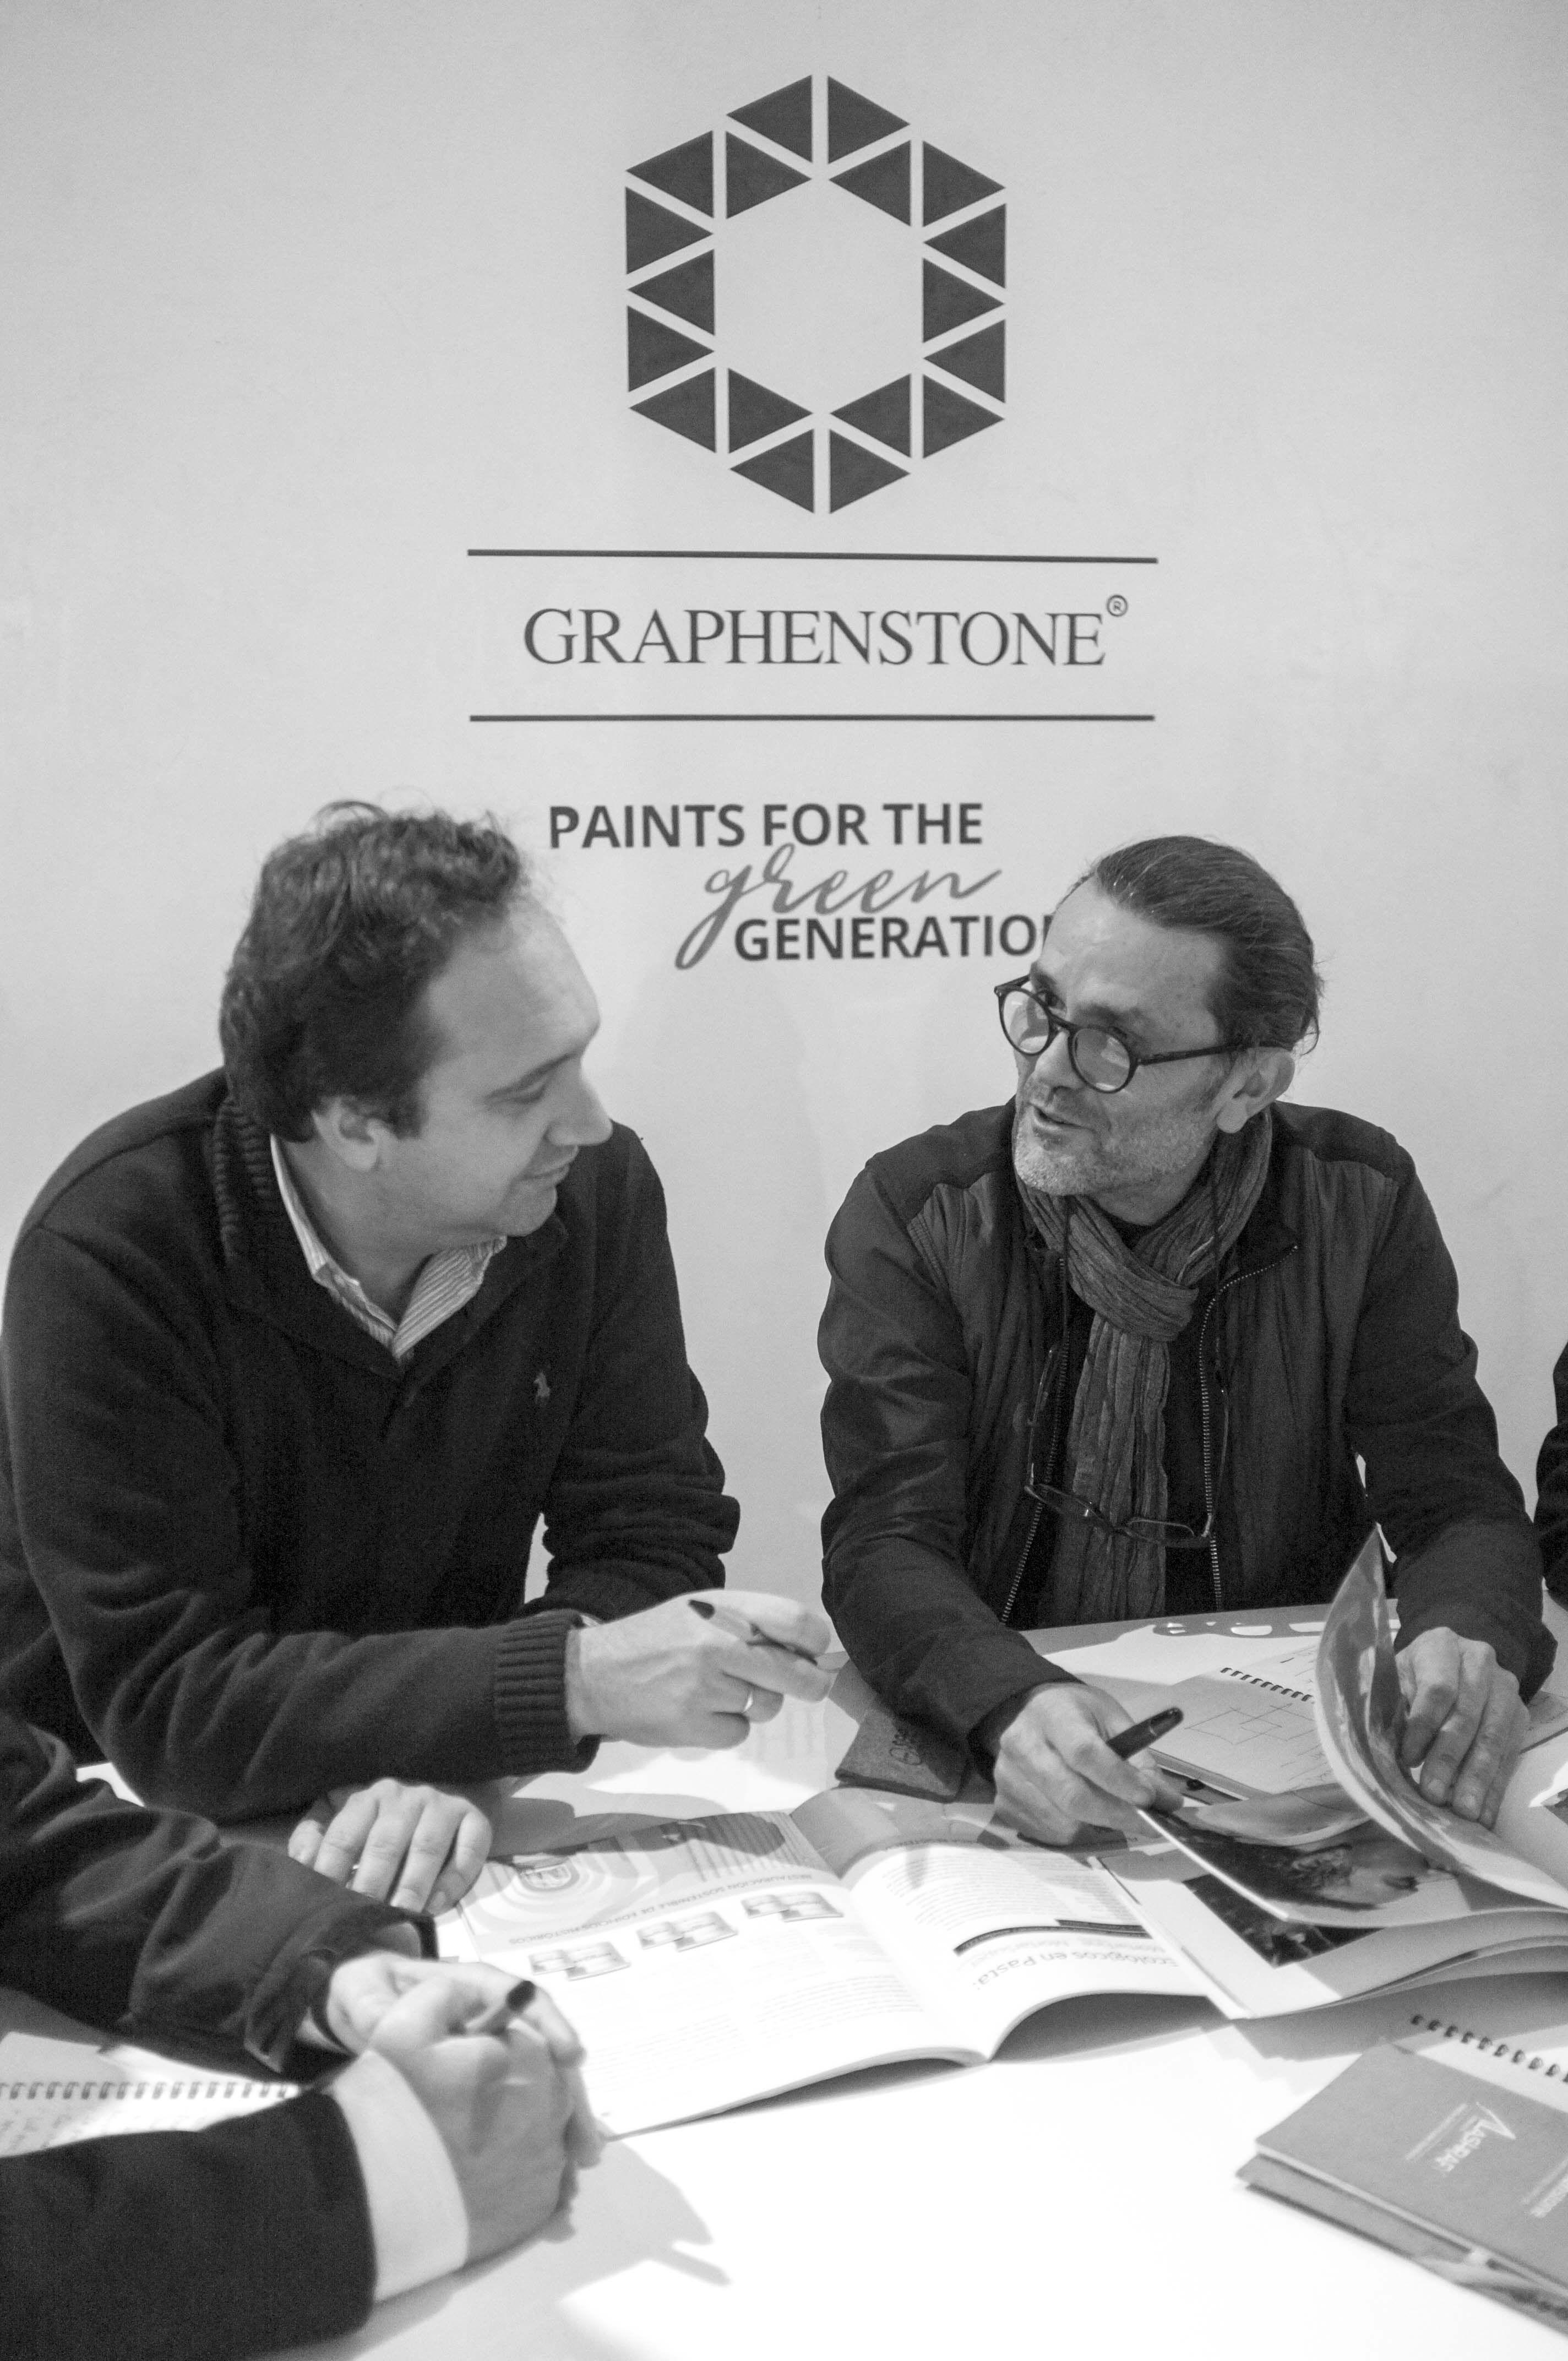 Foto de Joan Lao, nuevo director artístico de Graphenstone